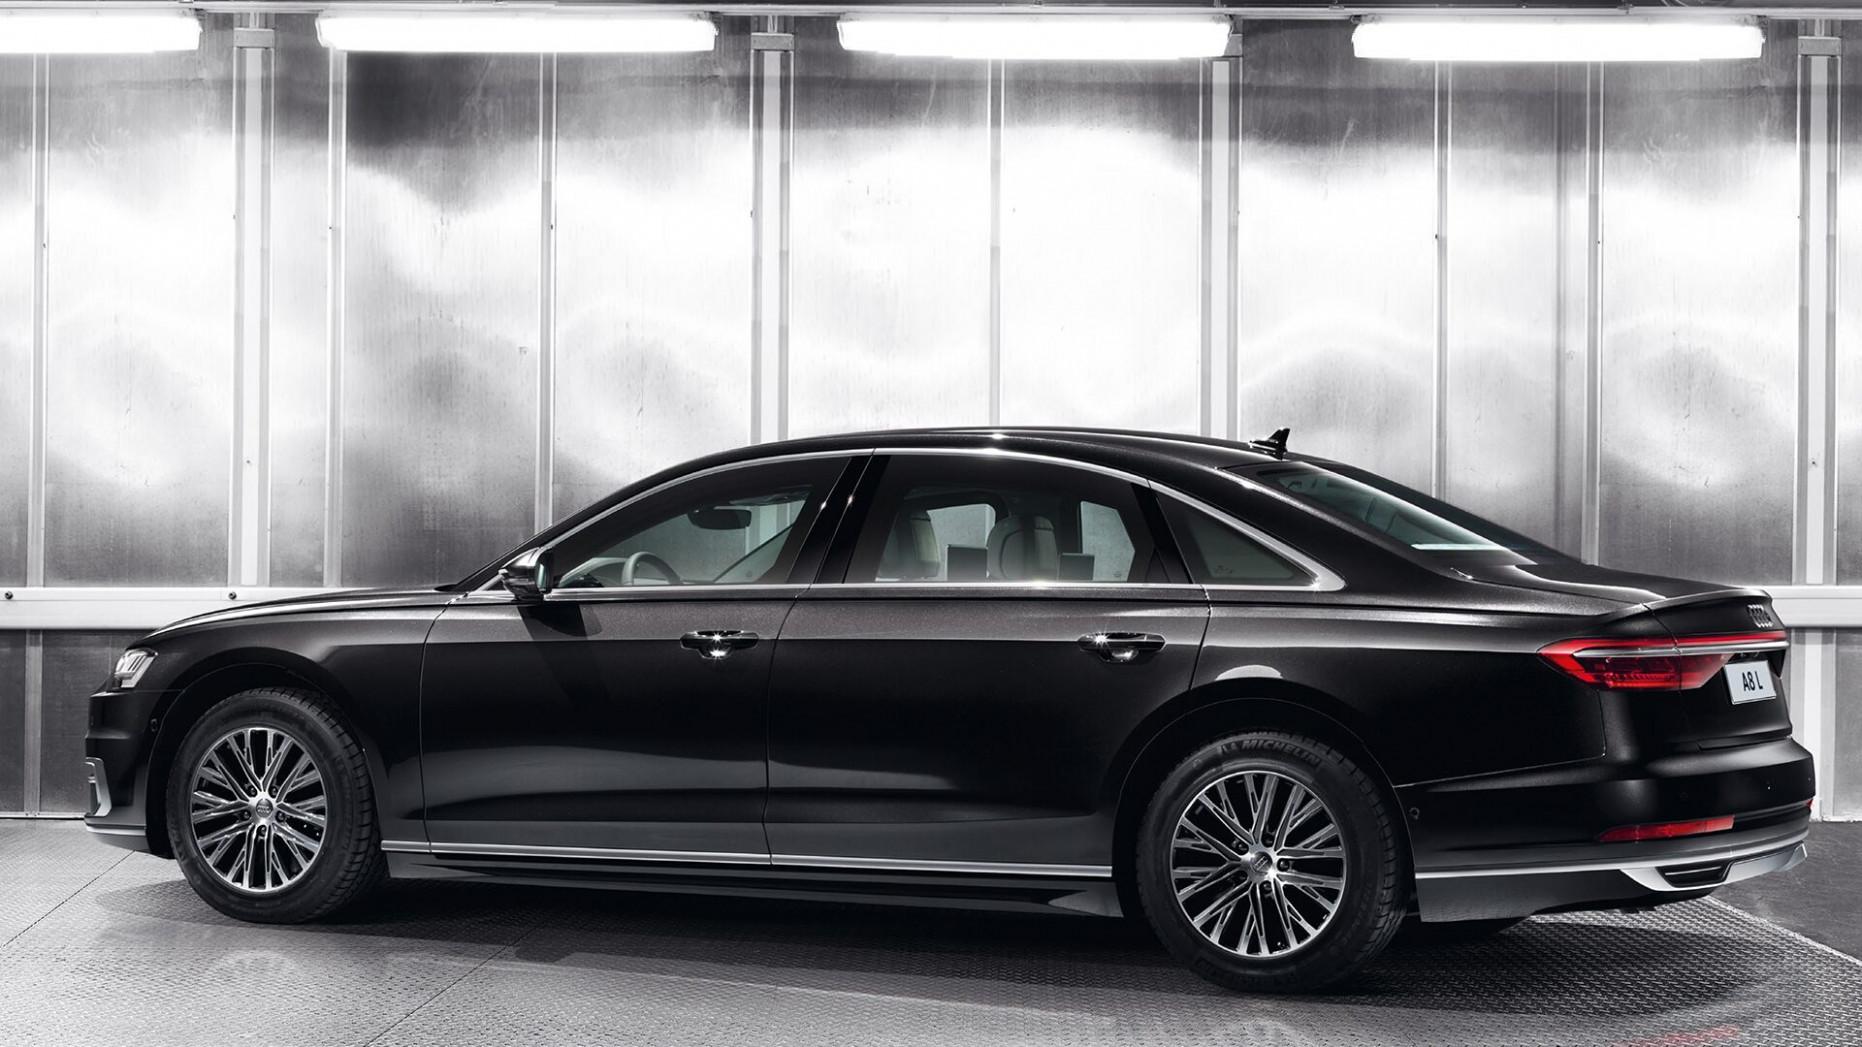 New Concept 2022 Audi A8 L In Usa